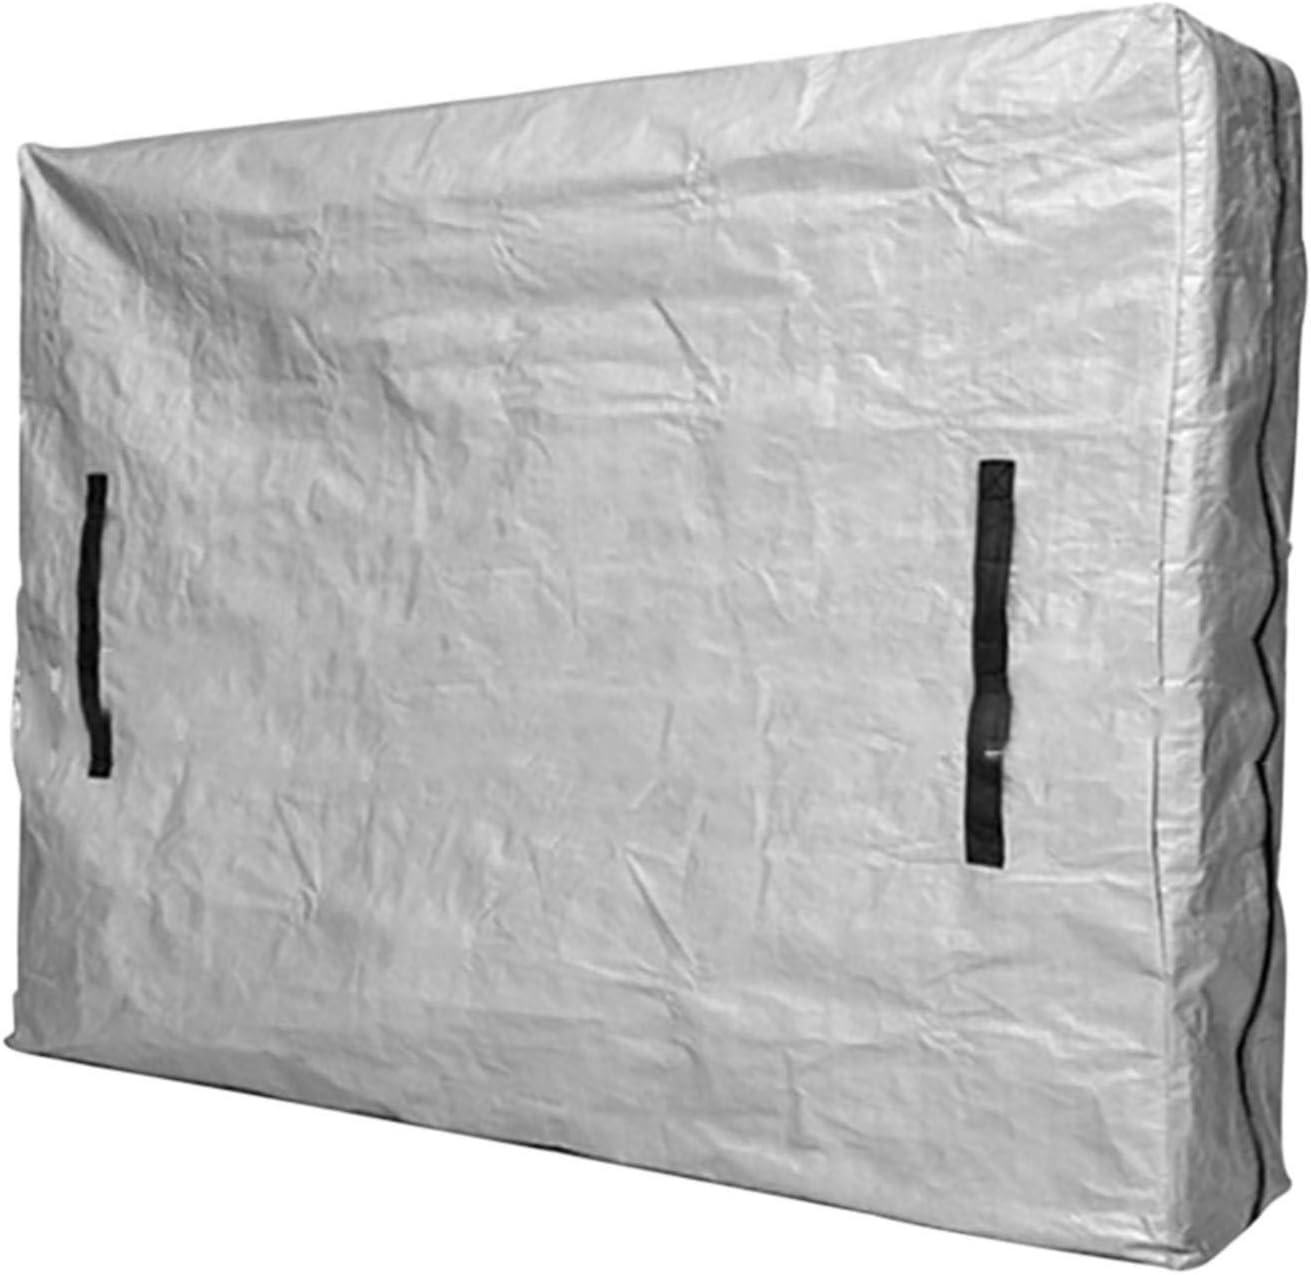 Stronrive Matratzentaschen f/ür Umzug Wasserdicht Matratzenschutz Matratzenh/ülle mit Rei/ßverschluss Matratze Schutzh/ülle Aufbewahrungstasche f/ür Transport und Aufbewahrung